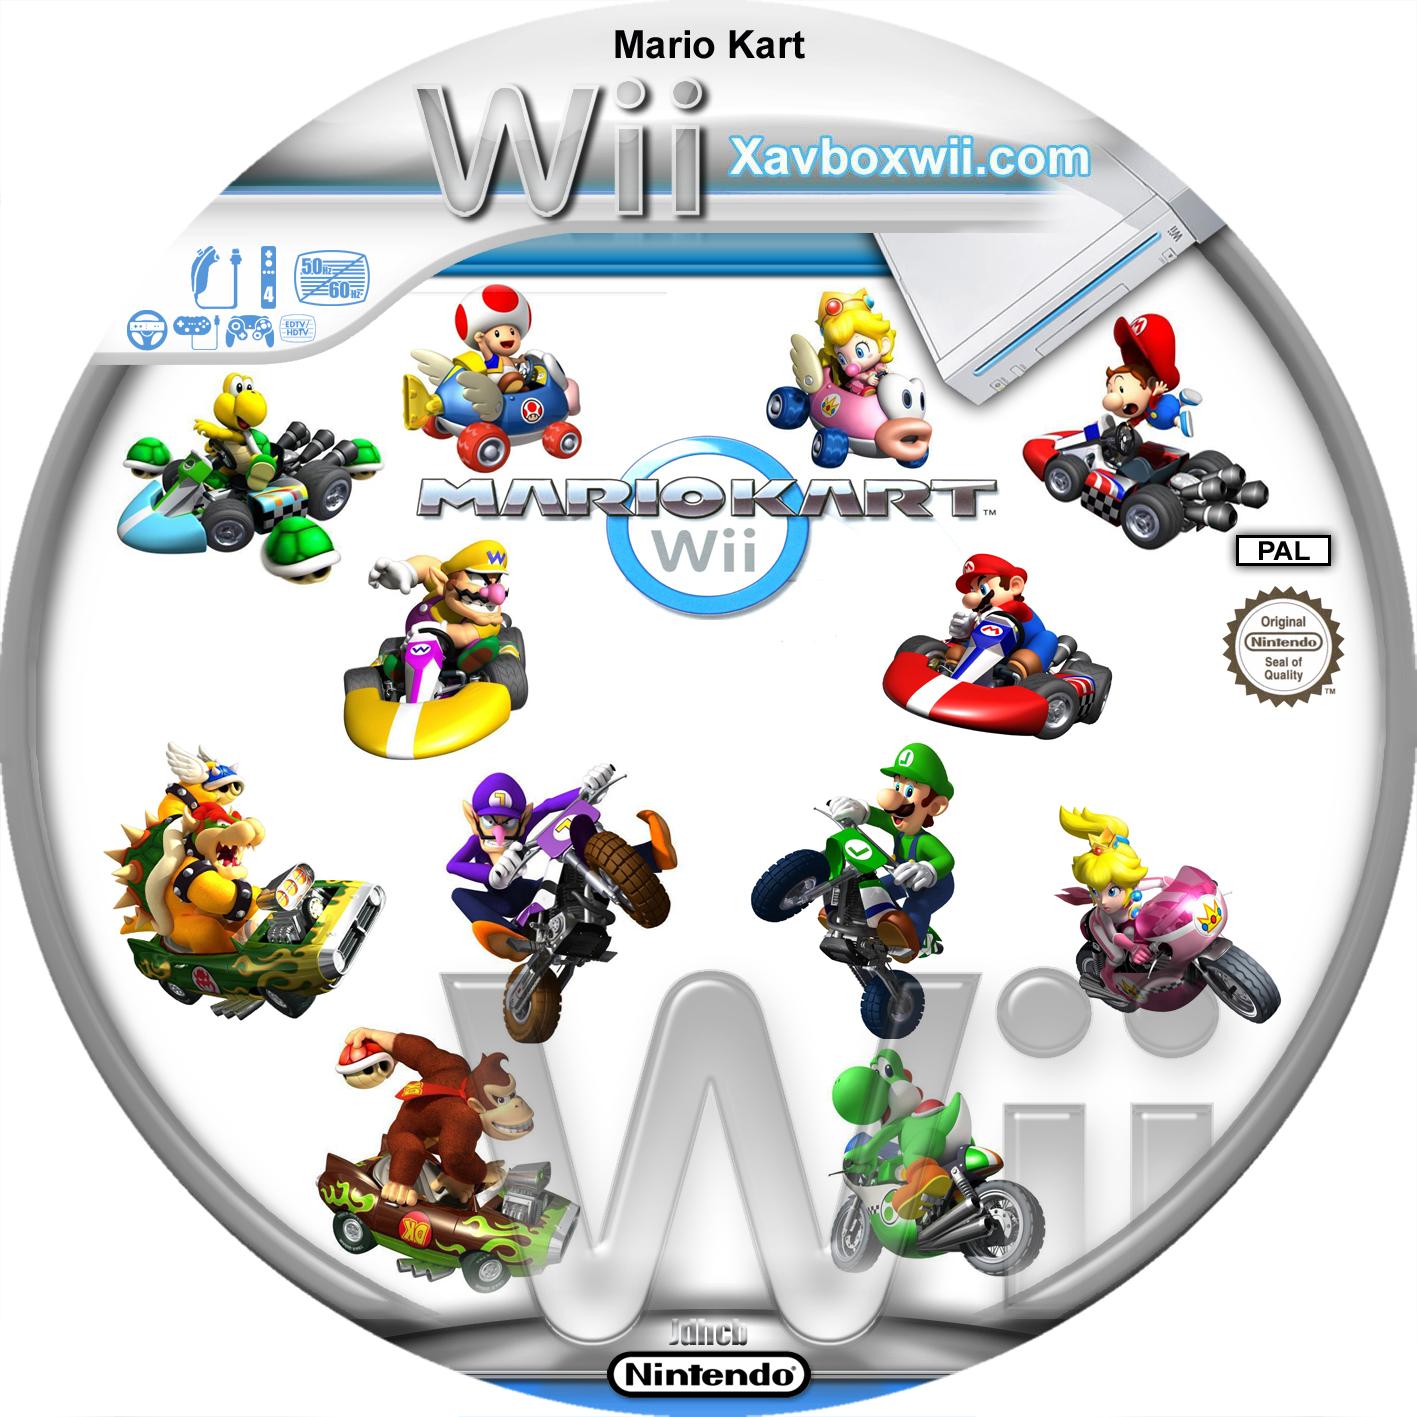 Téléchargez Yu-Gi-Oh! Duel Generation sur votre ordinateur (Windows) ou sur  Mac, gratuitement sur notre site web ! ... nombre de téléchargement (Sur Play  Store) au 06/01/2019 est de 5 000 000+; Ce jeu est destiné aux ... Possibilité de  jouer hors ligne et pendant un temps illimité et relever des défis quotidiens en  ligne.